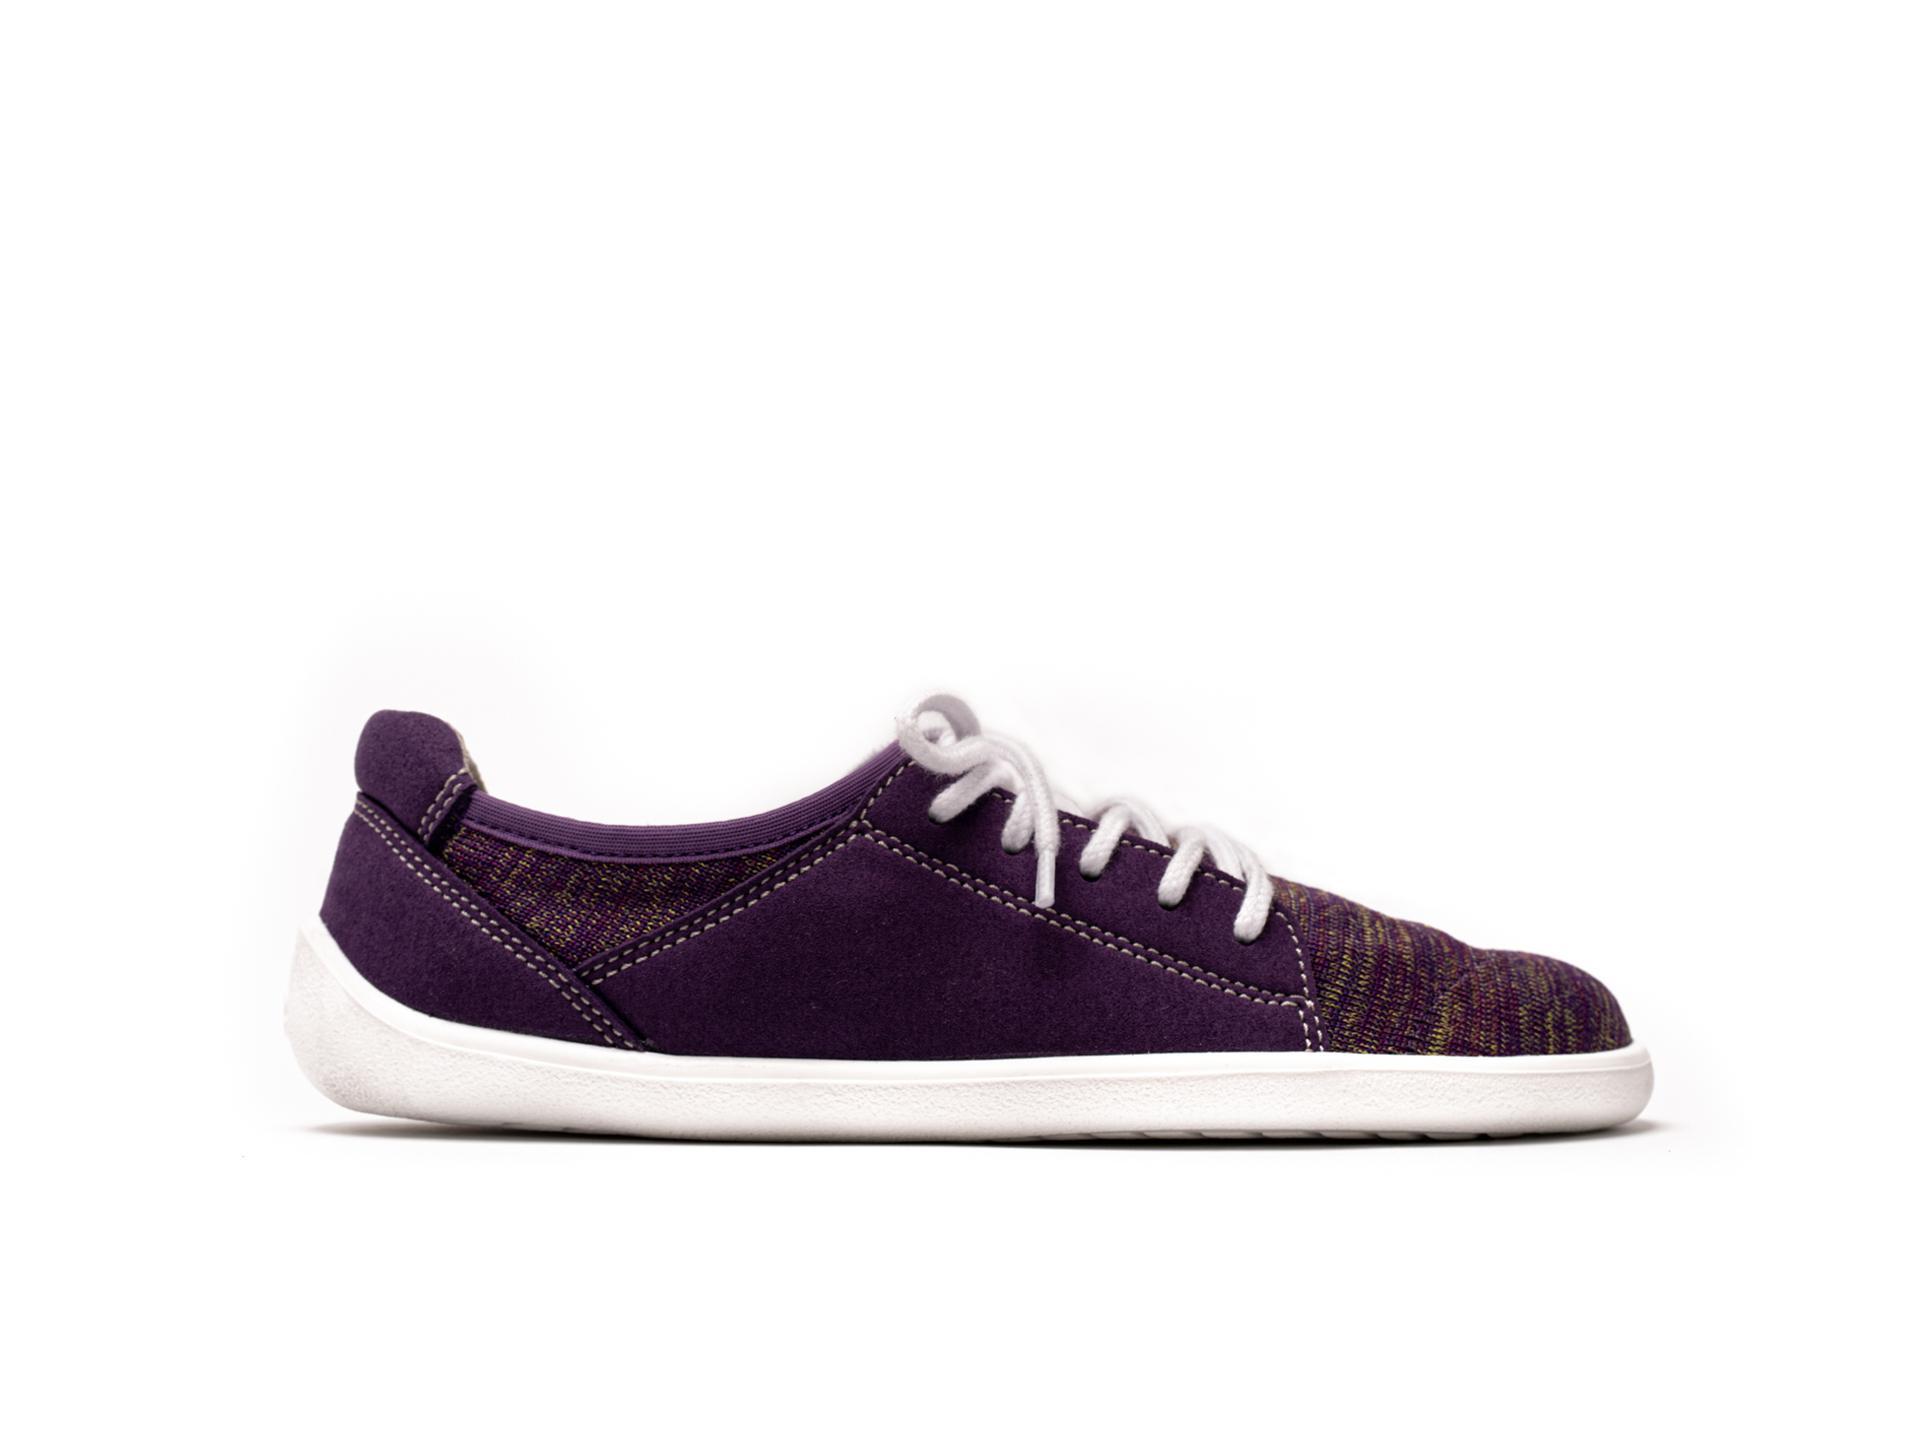 Barefoot Sneakers - Be Lenka Ace - Purple 40